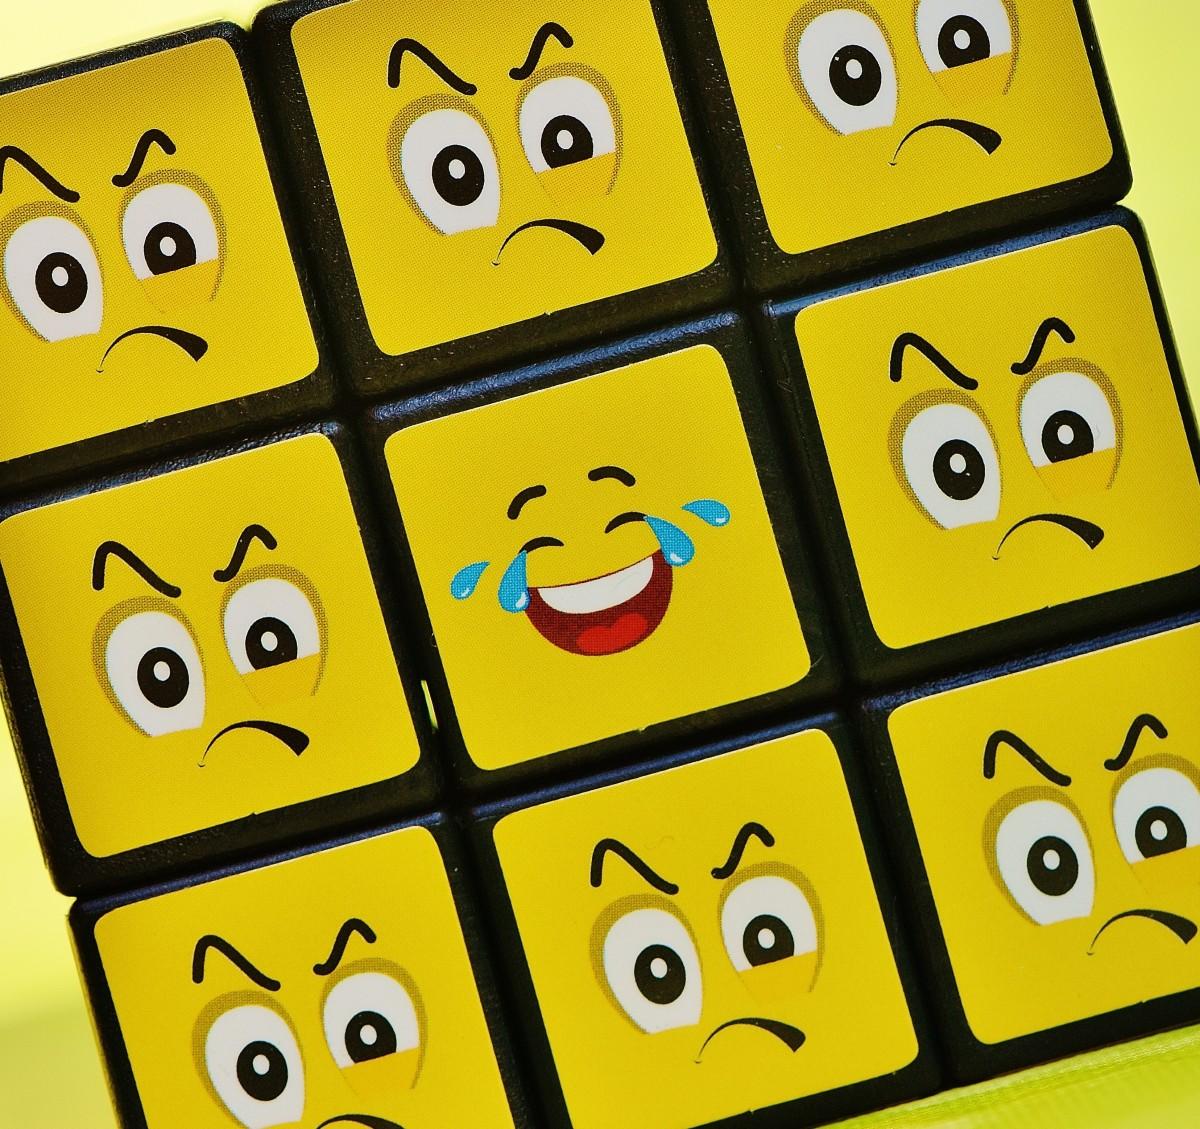 санек картинки для кубика настроения вскоре